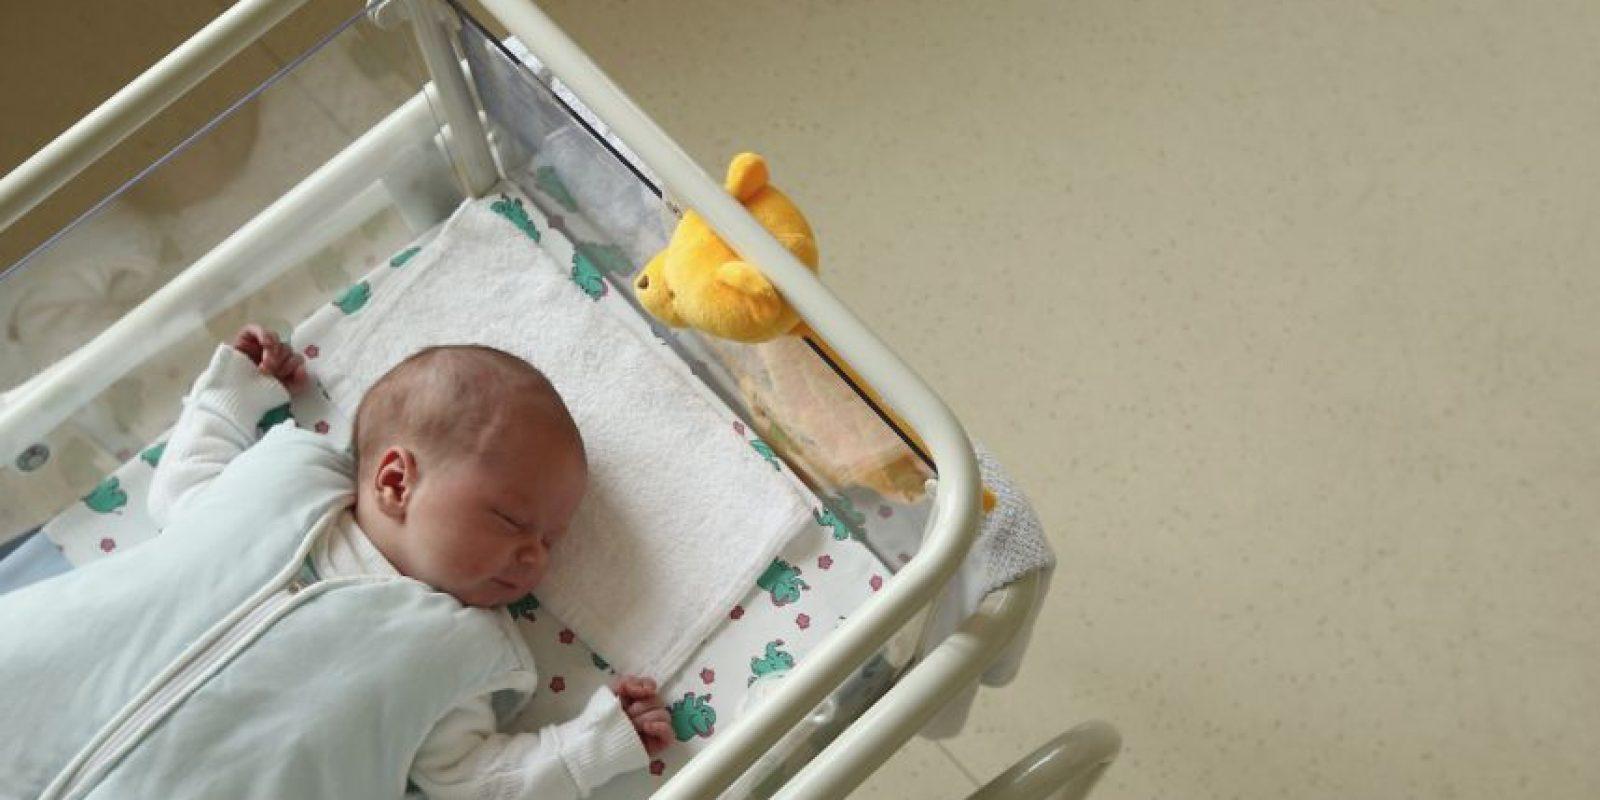 Según el diario The Independent, para que un bebé pueda participar en una película, la producción debe cumplir con ciertos requisitos. Foto:Getty Images